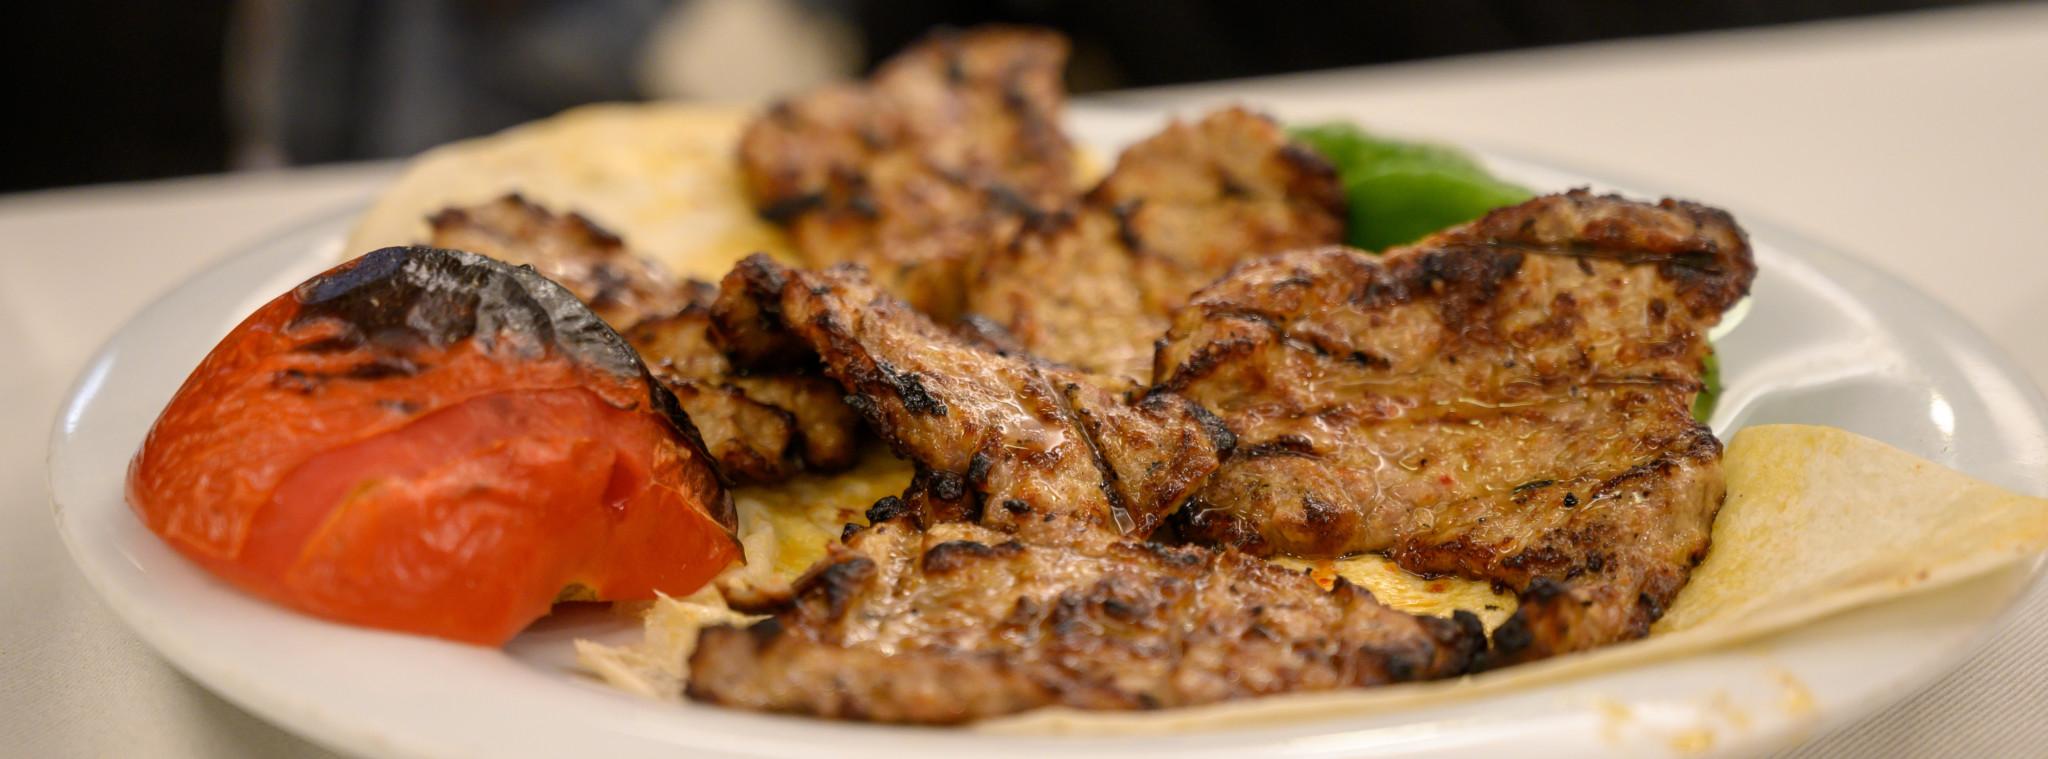 Türkisches Essen ist oft fleischlastig